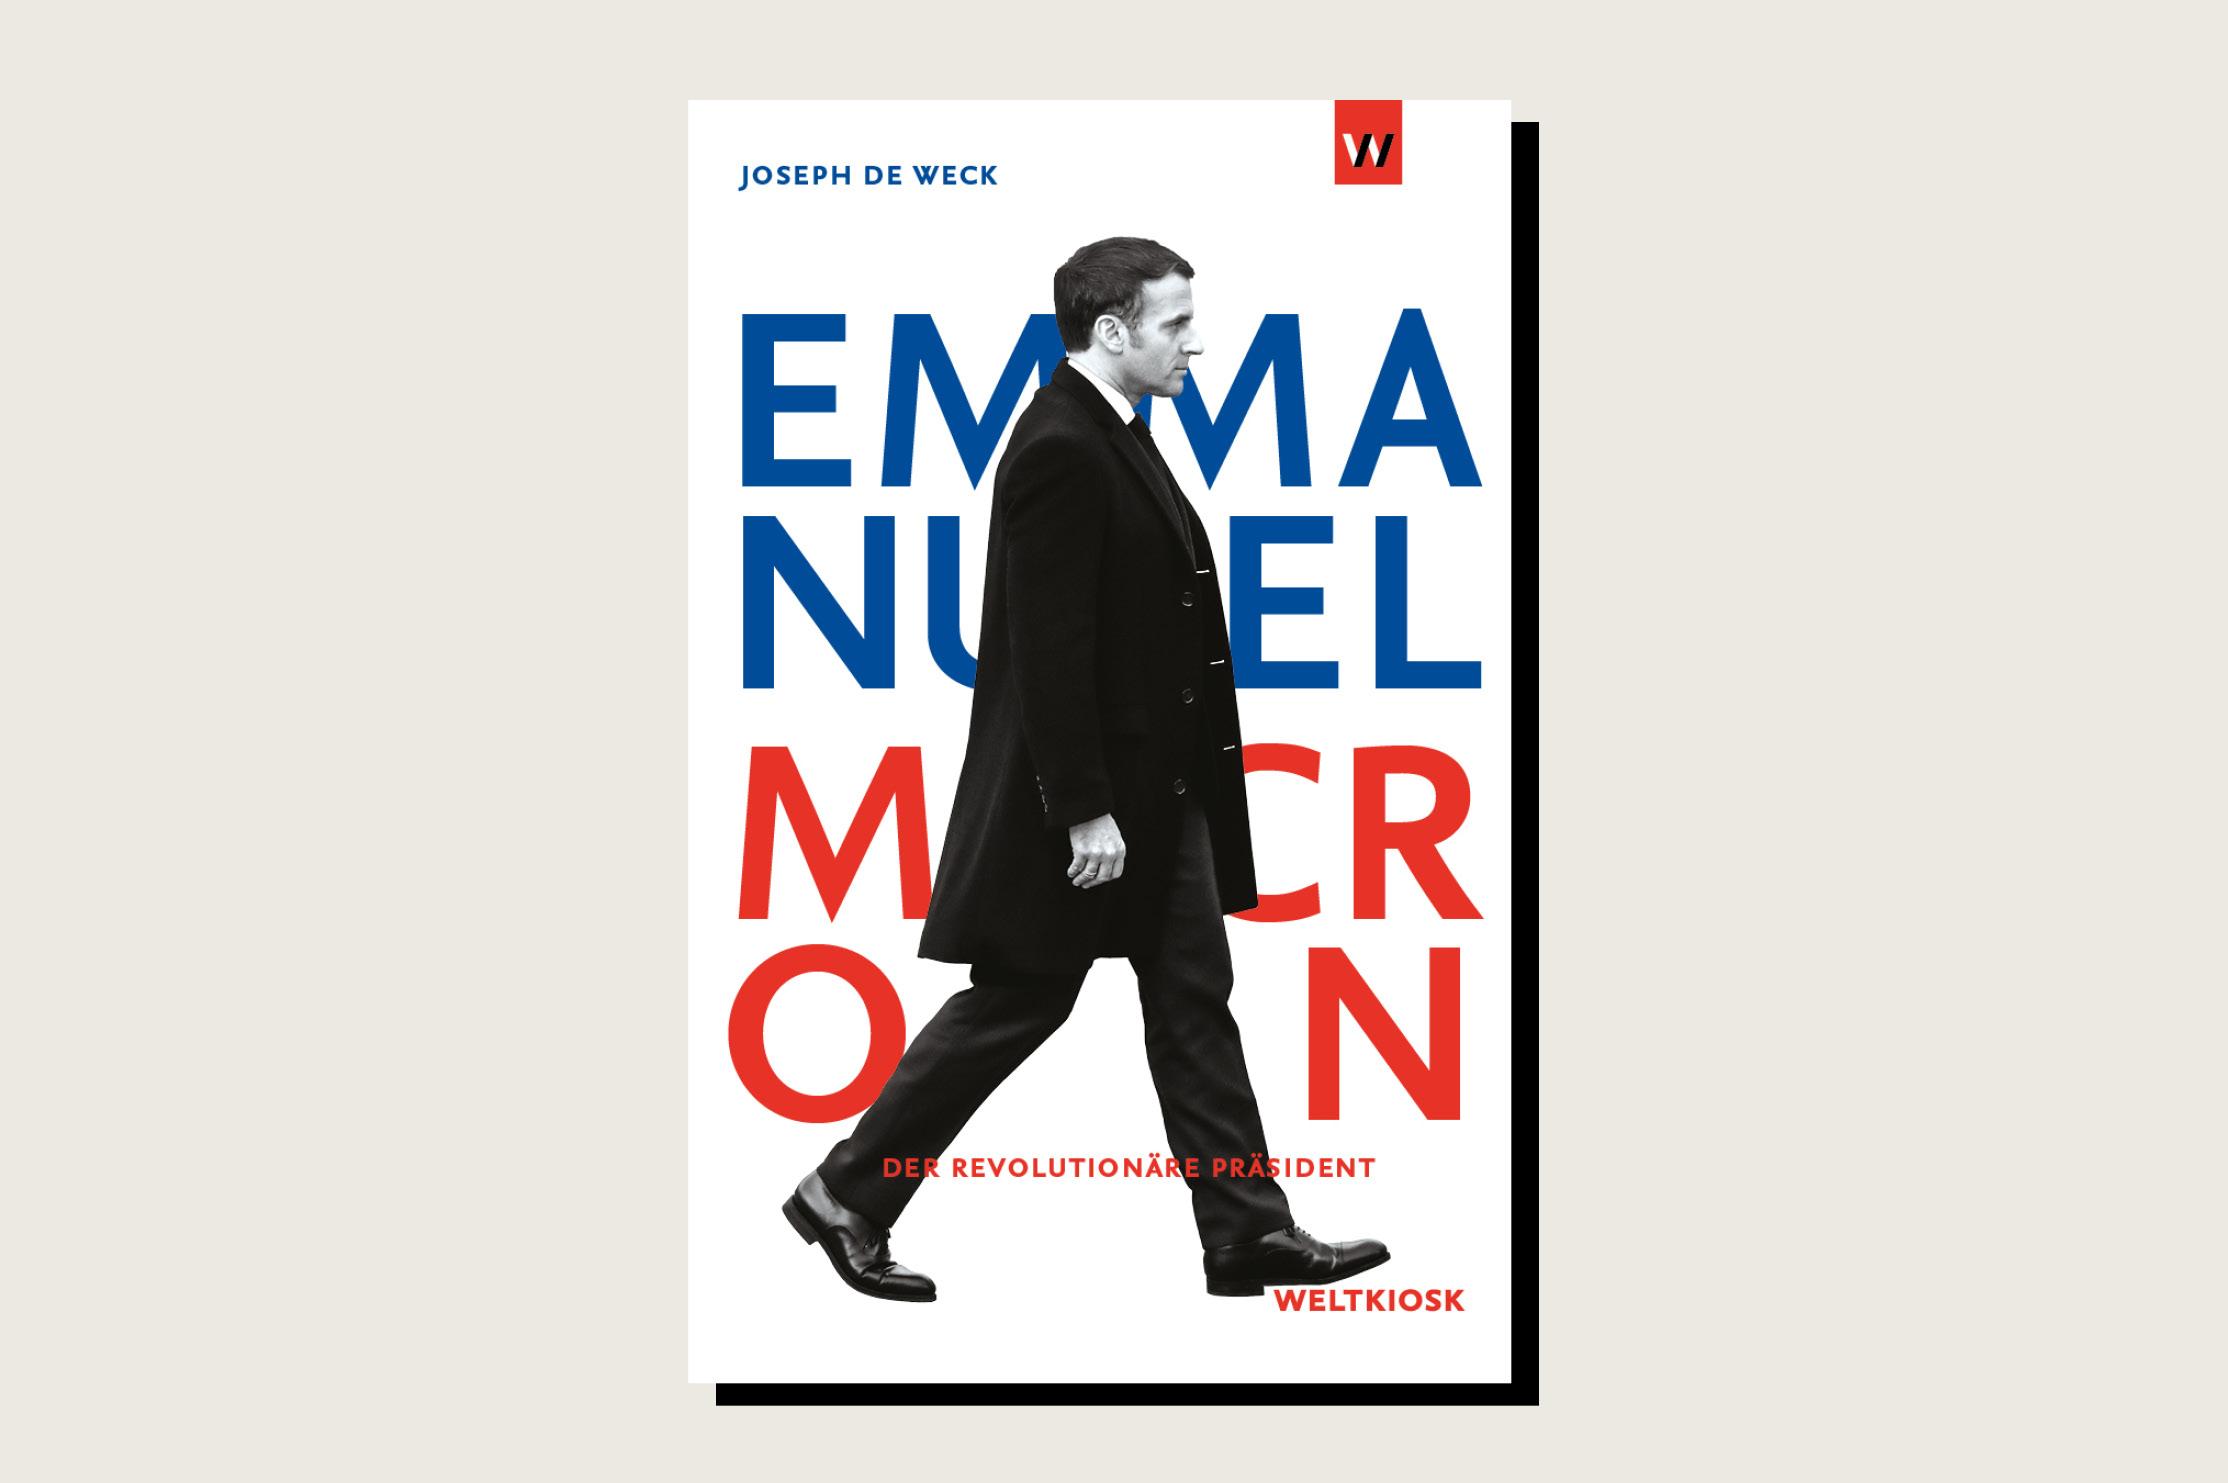 Emmanuel Macron: Der revolutionäre Präsident, Joseph de Weck, Weltkiosk, 160 pp., 20 euro, June 2021